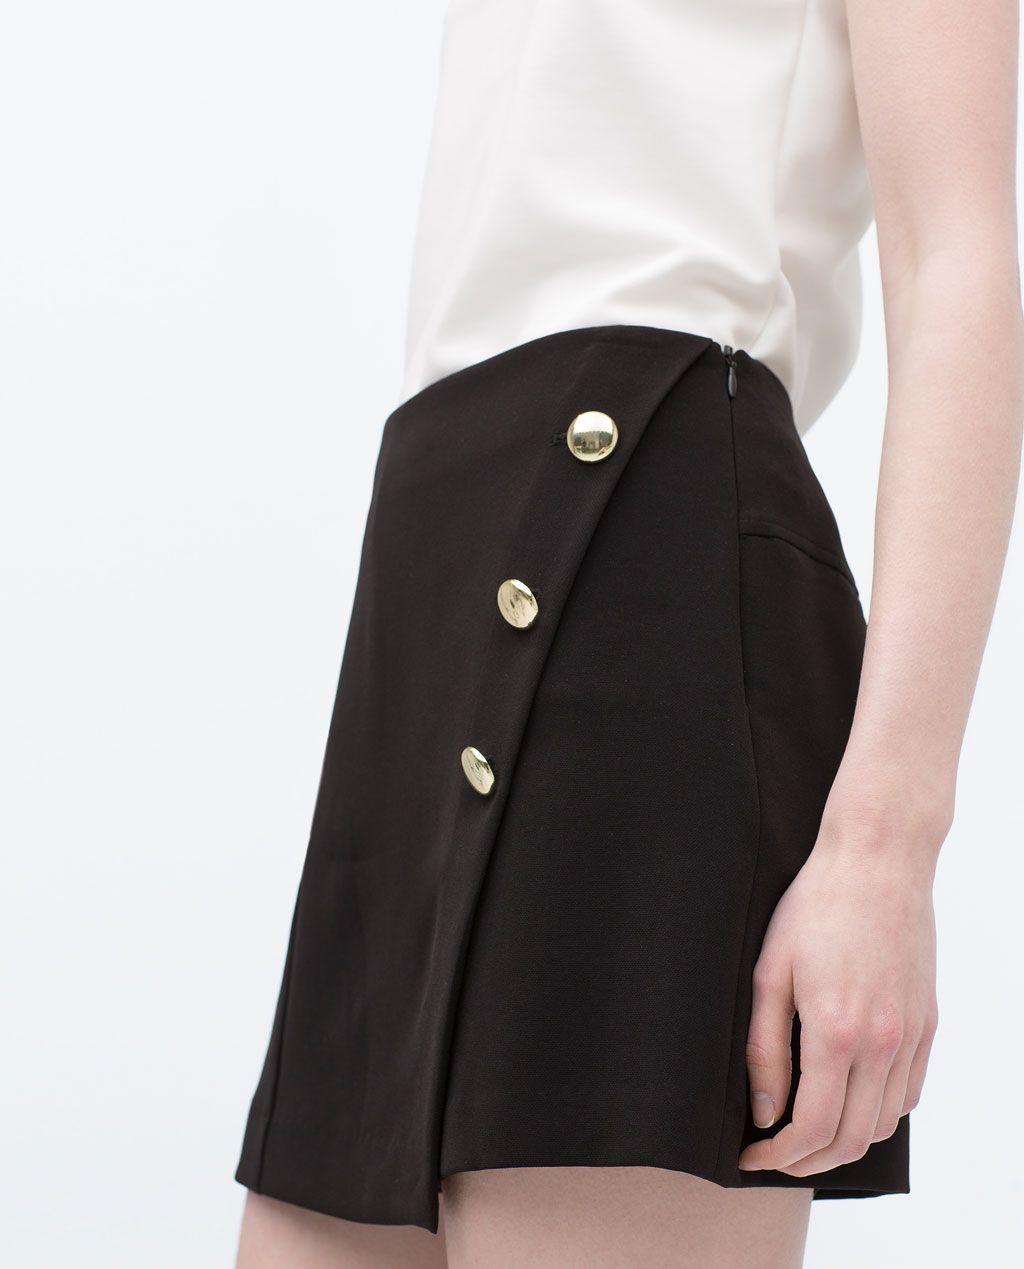 b527186ed Imagen 3 de FALDA PANTALÓN BOTONES de Zara | Outfit | Faldas ...